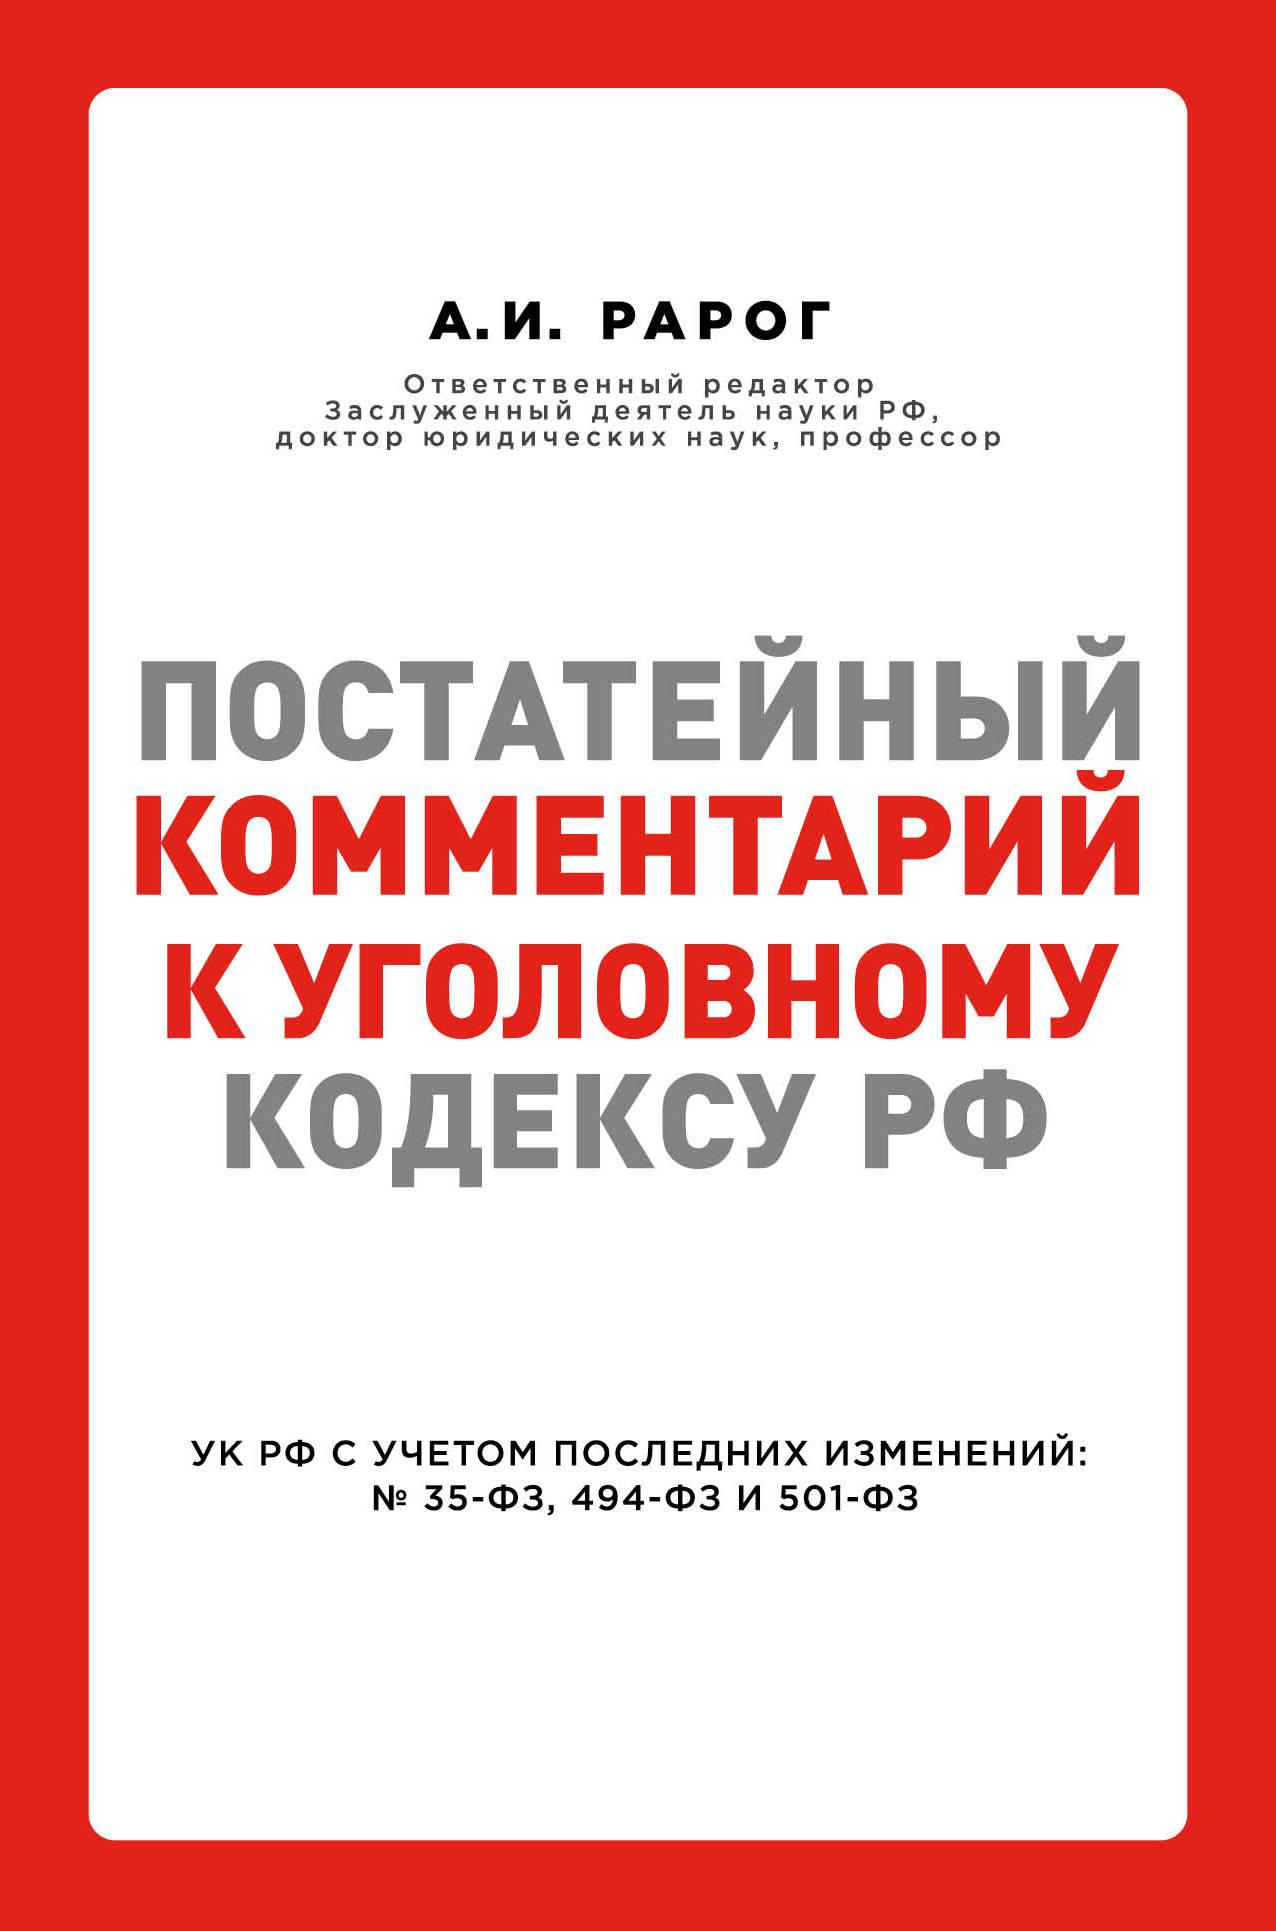 Постатейный комментарий к Уголовному кодексу РФ